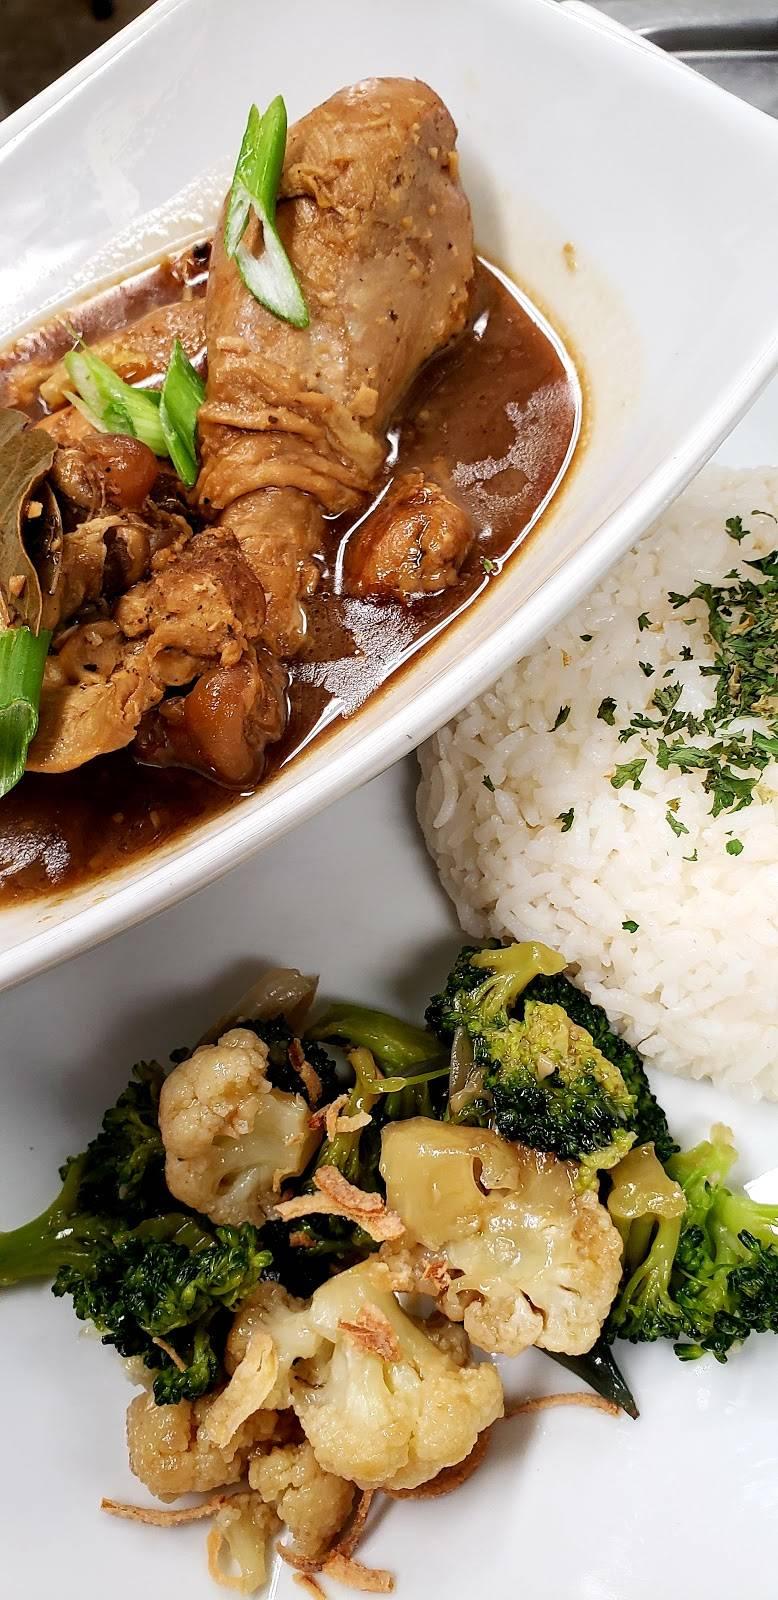 Pica-Pica Filipino Cuisine | restaurant | 1214 Main St, St Johnsbury, VT 05819, USA | 8024241585 OR +1 802-424-1585